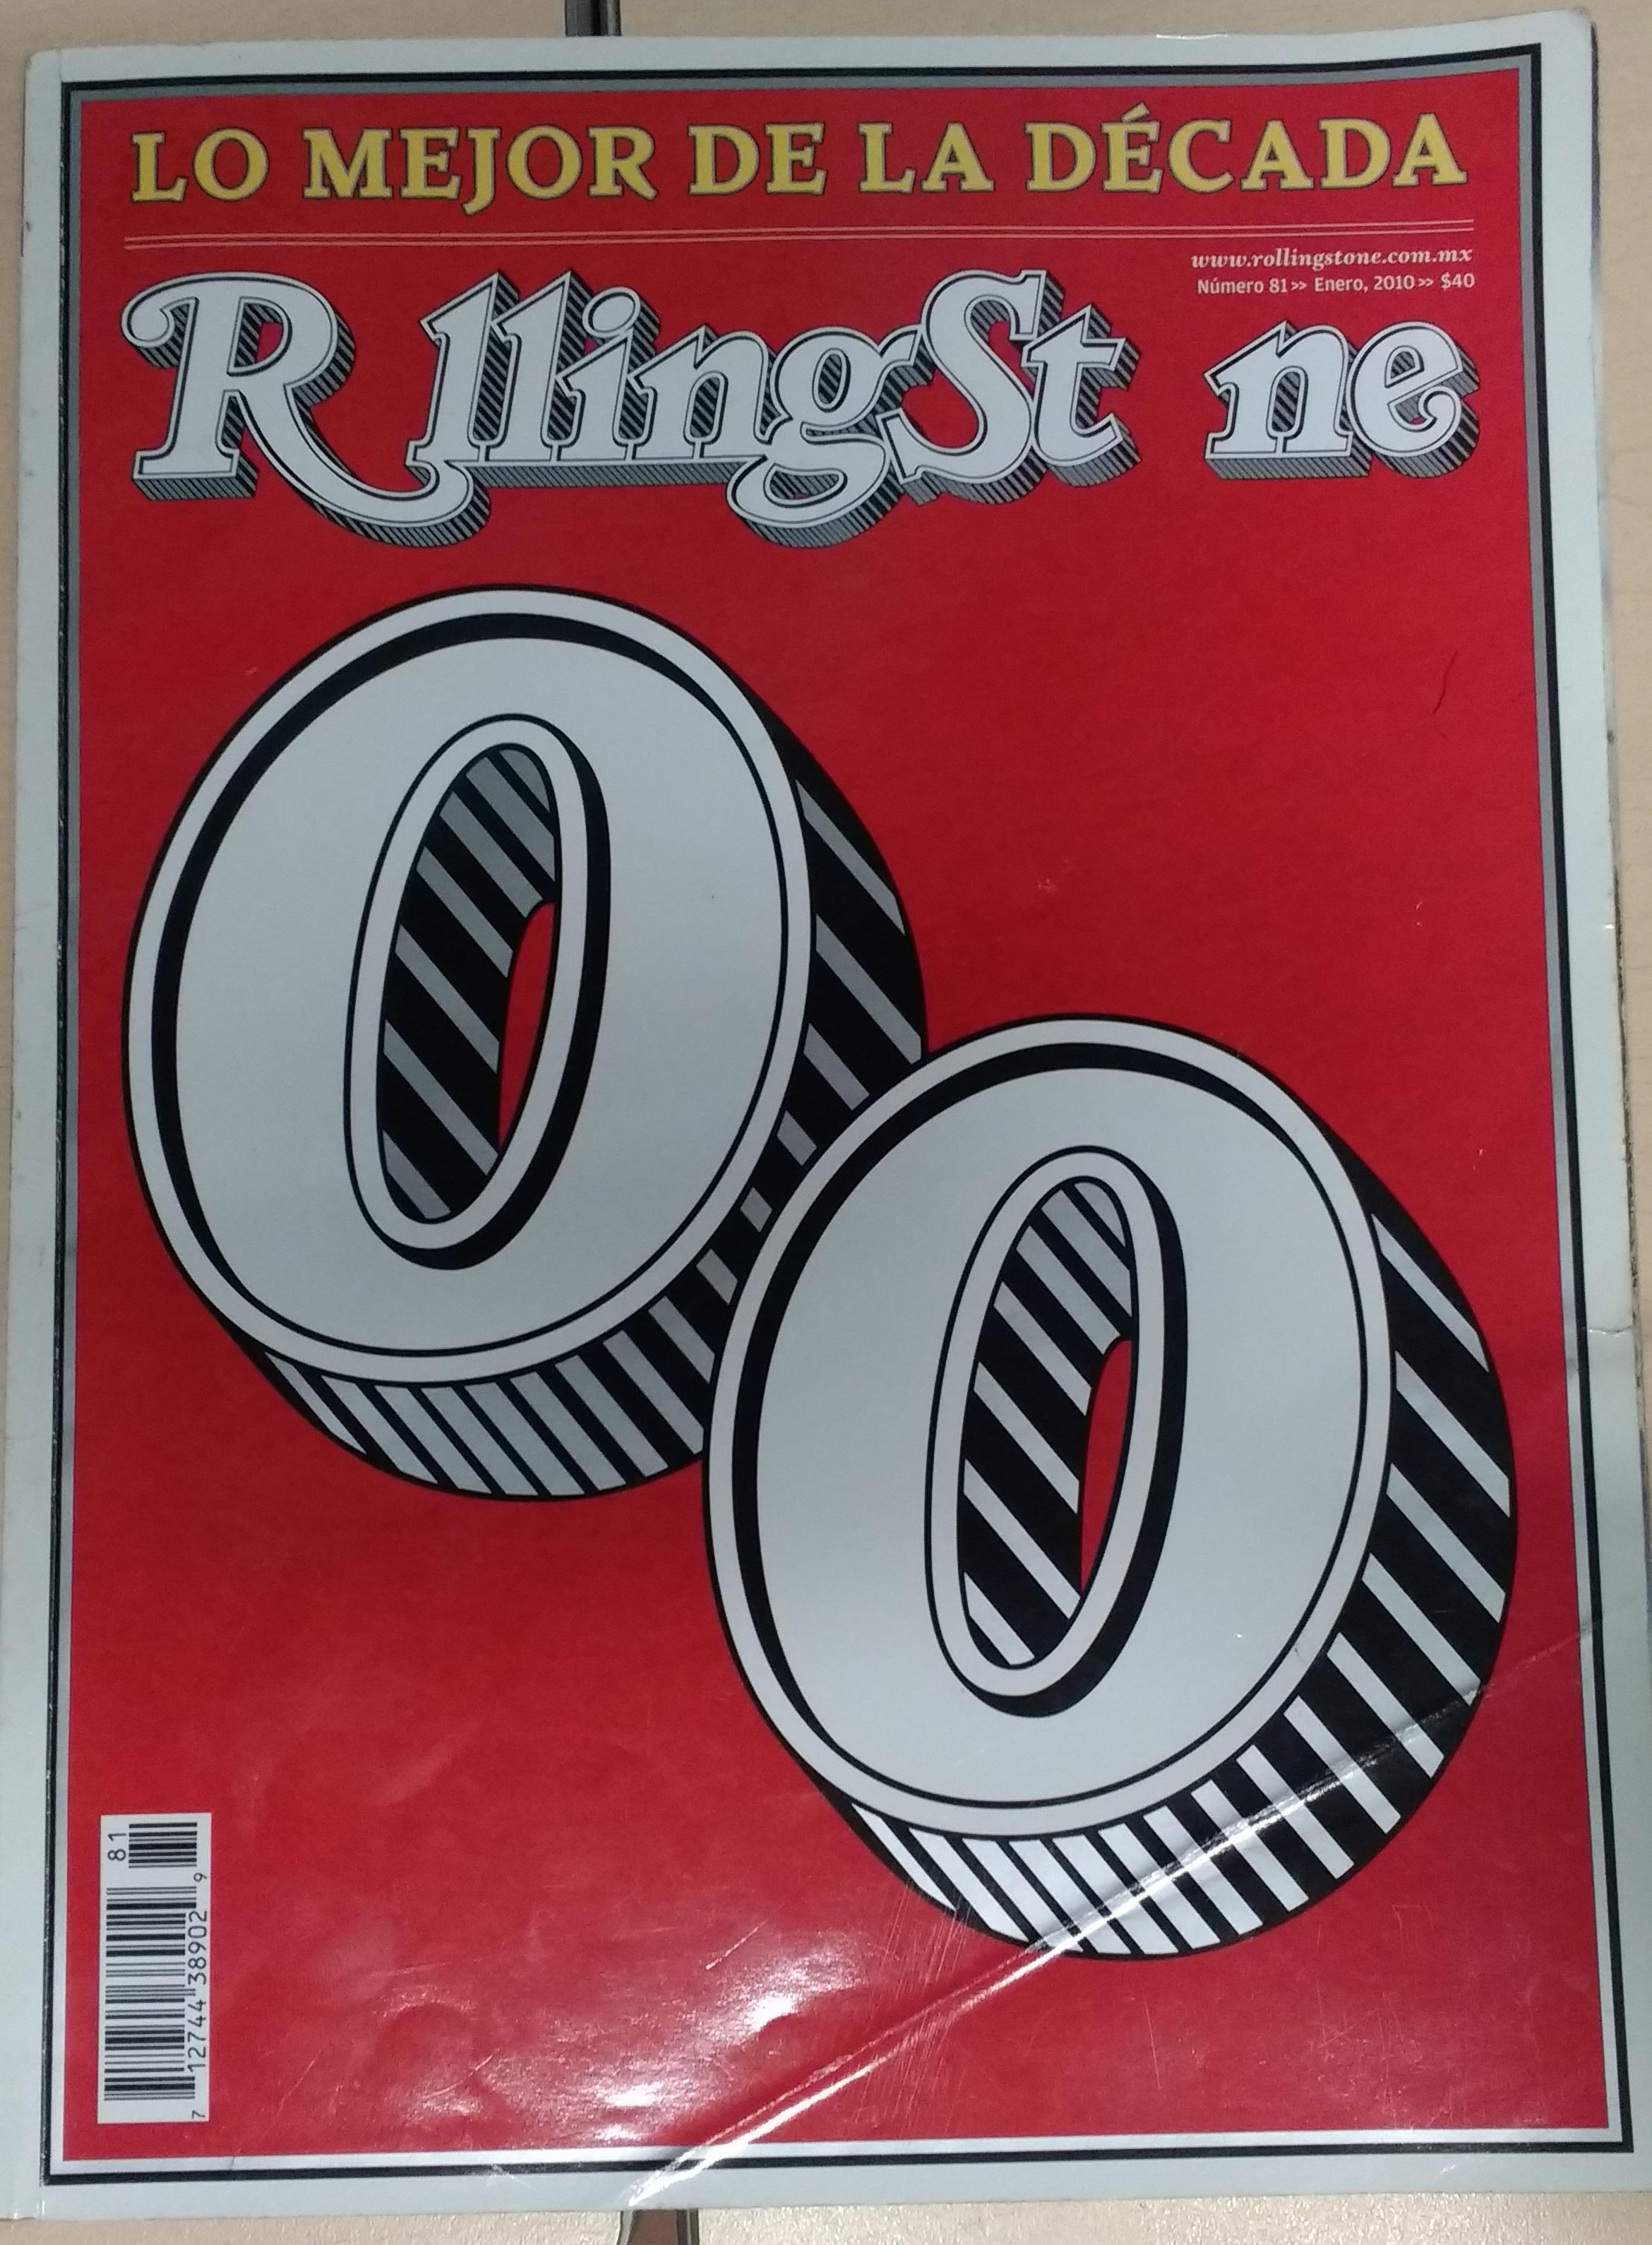 Revista Rolling Stone - Lo mejor de la década